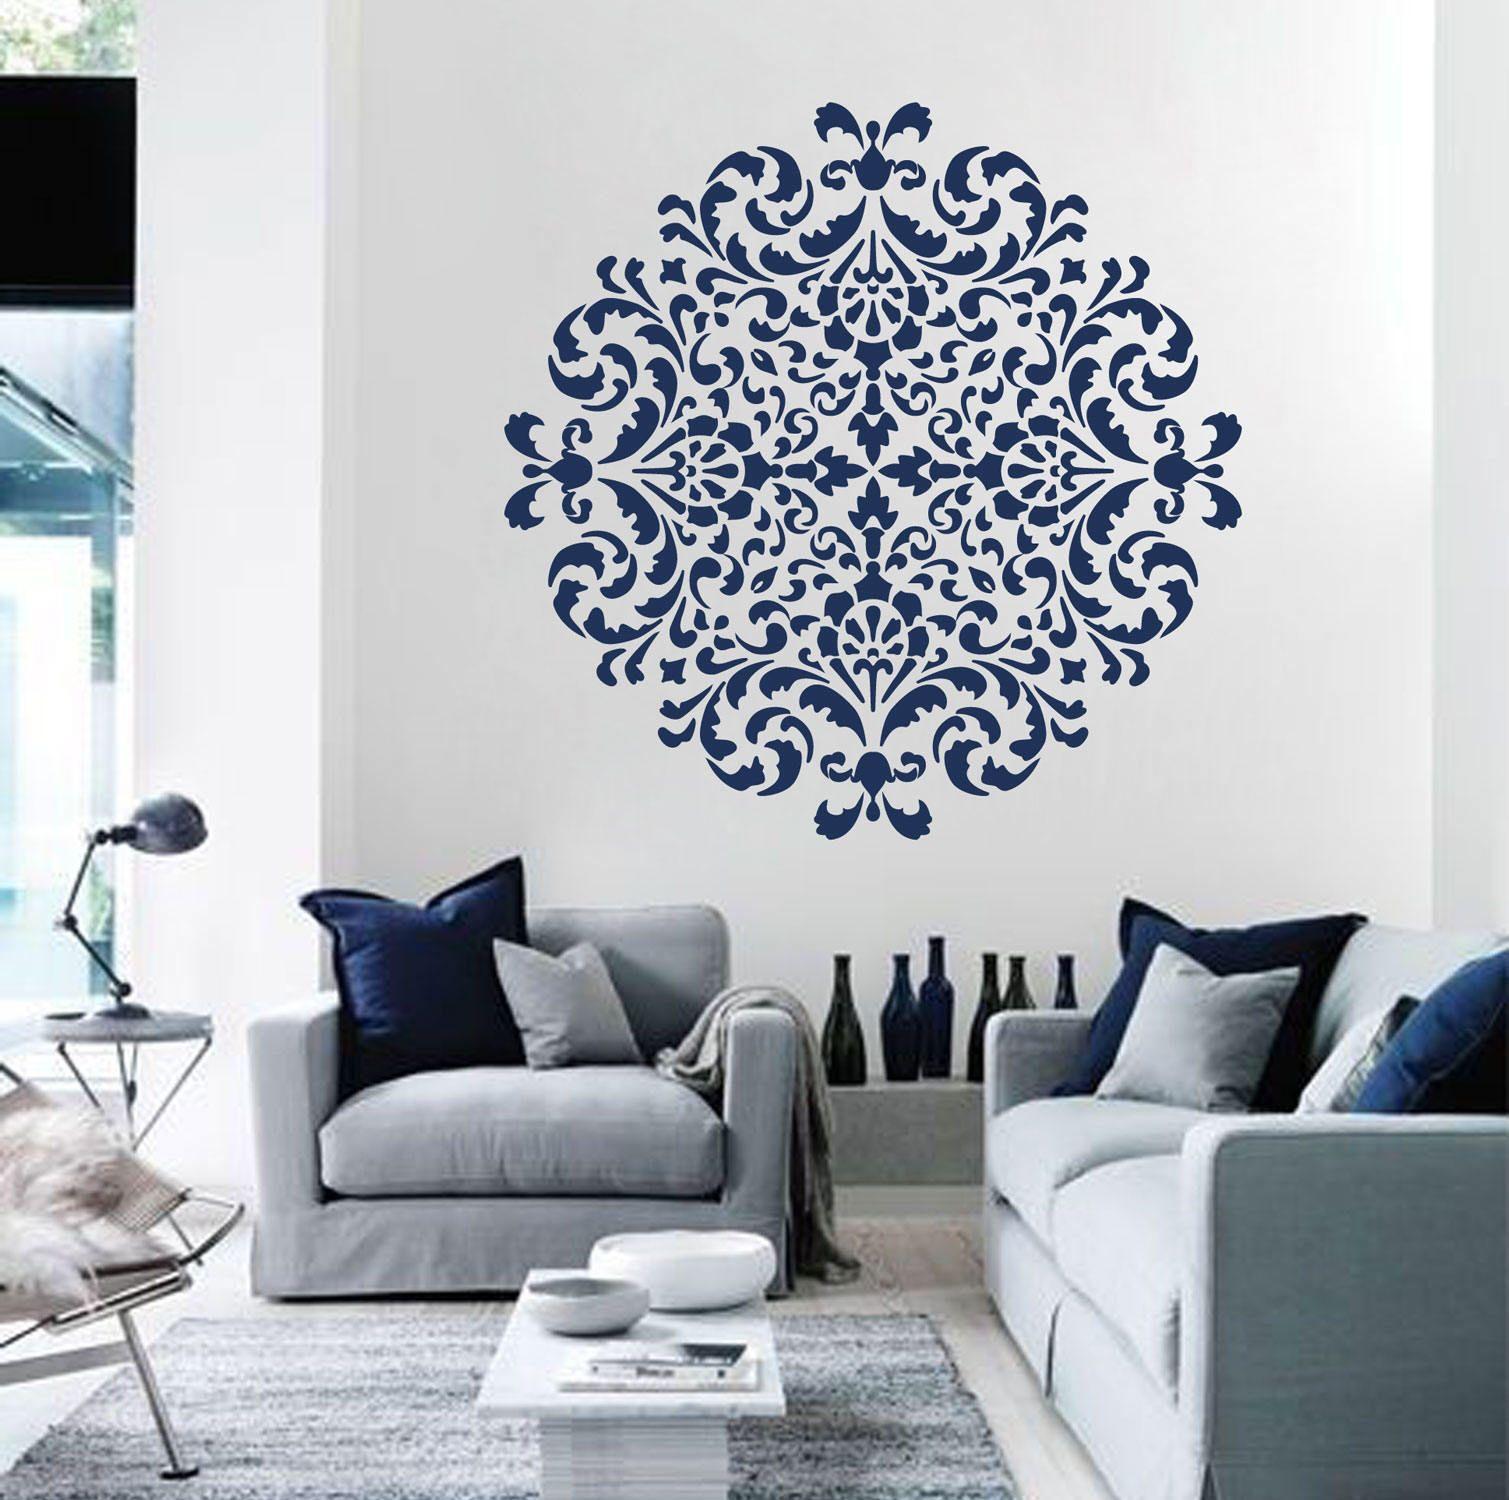 Mandala Moroccan Stencil Moroccan Pattern For Diy Wall Decor Etsy Modern Wall Decor Stencils Wall Moroccan Stencil #wall #stencils #for #living #room